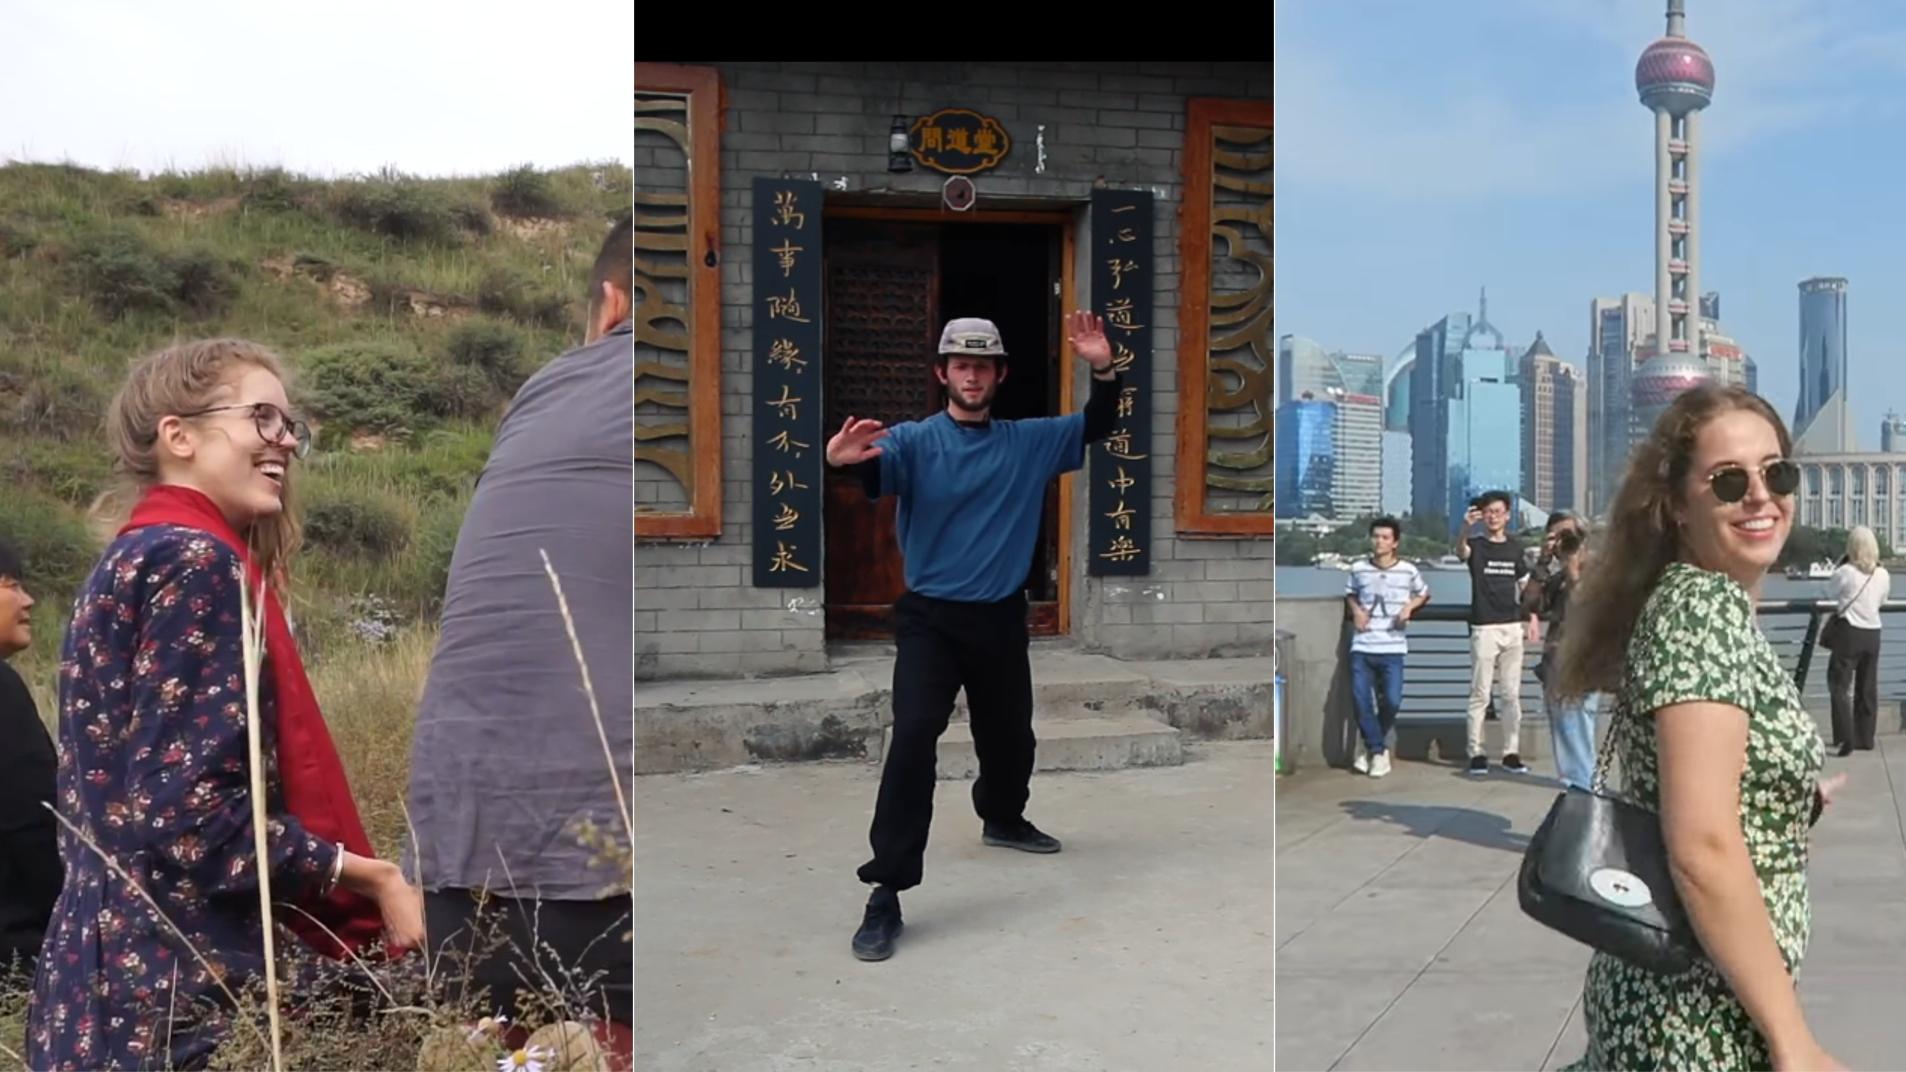 Mein neues Leben in China – Junge Auswanderer (Web-Doku)